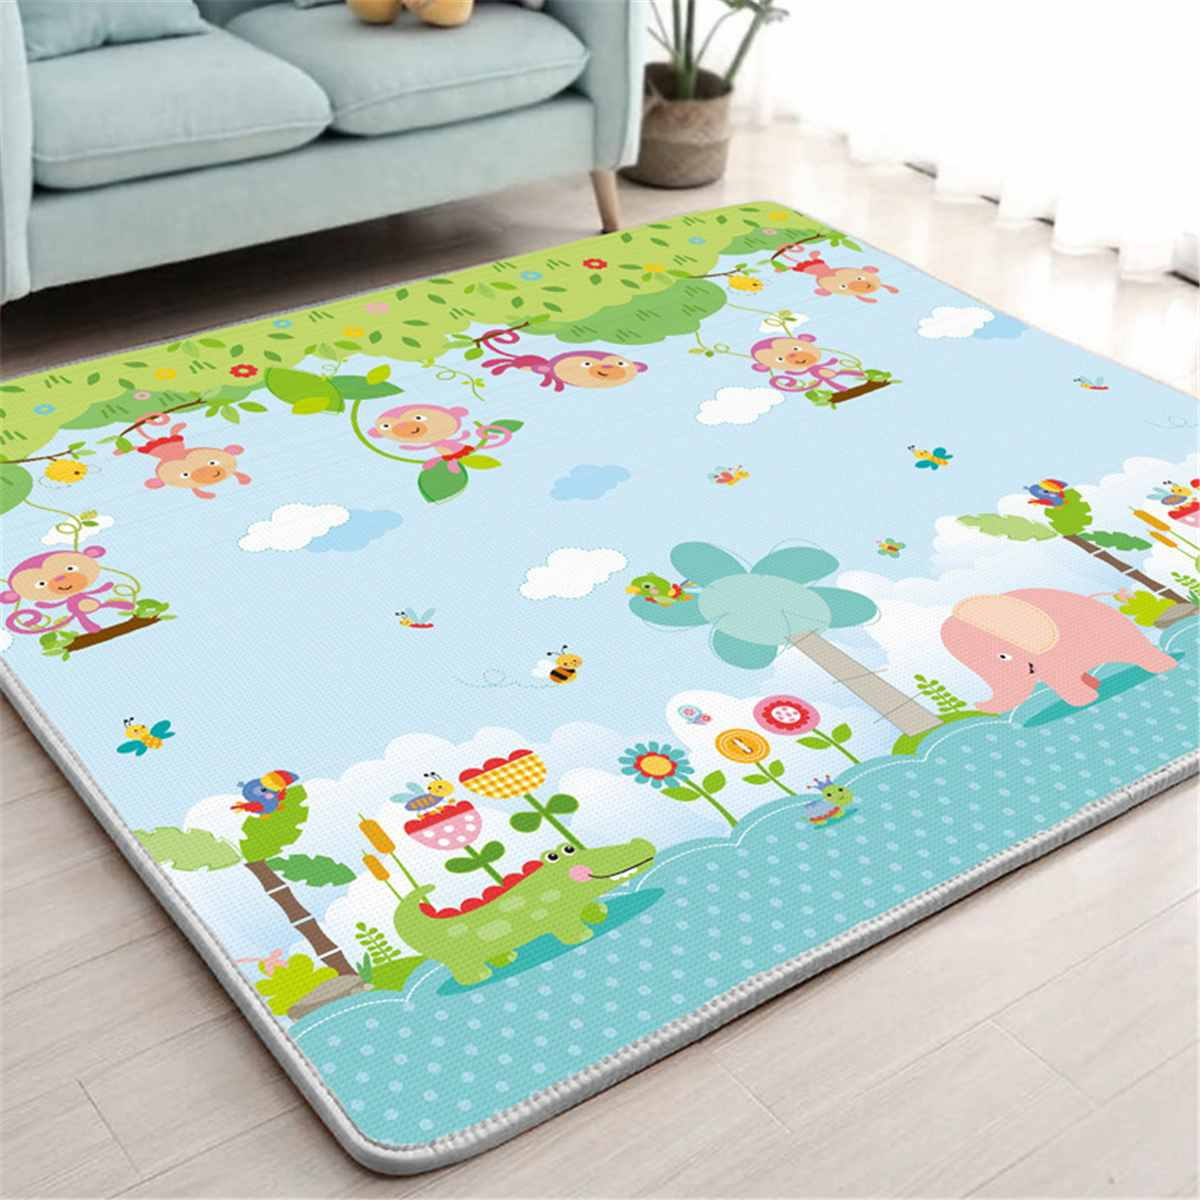 Bébé escalade tapis de jeu 200x180cm pliable enfants tapis épaissi pépinière salle ramper Pad jeu couverture bébé tapis imperméable